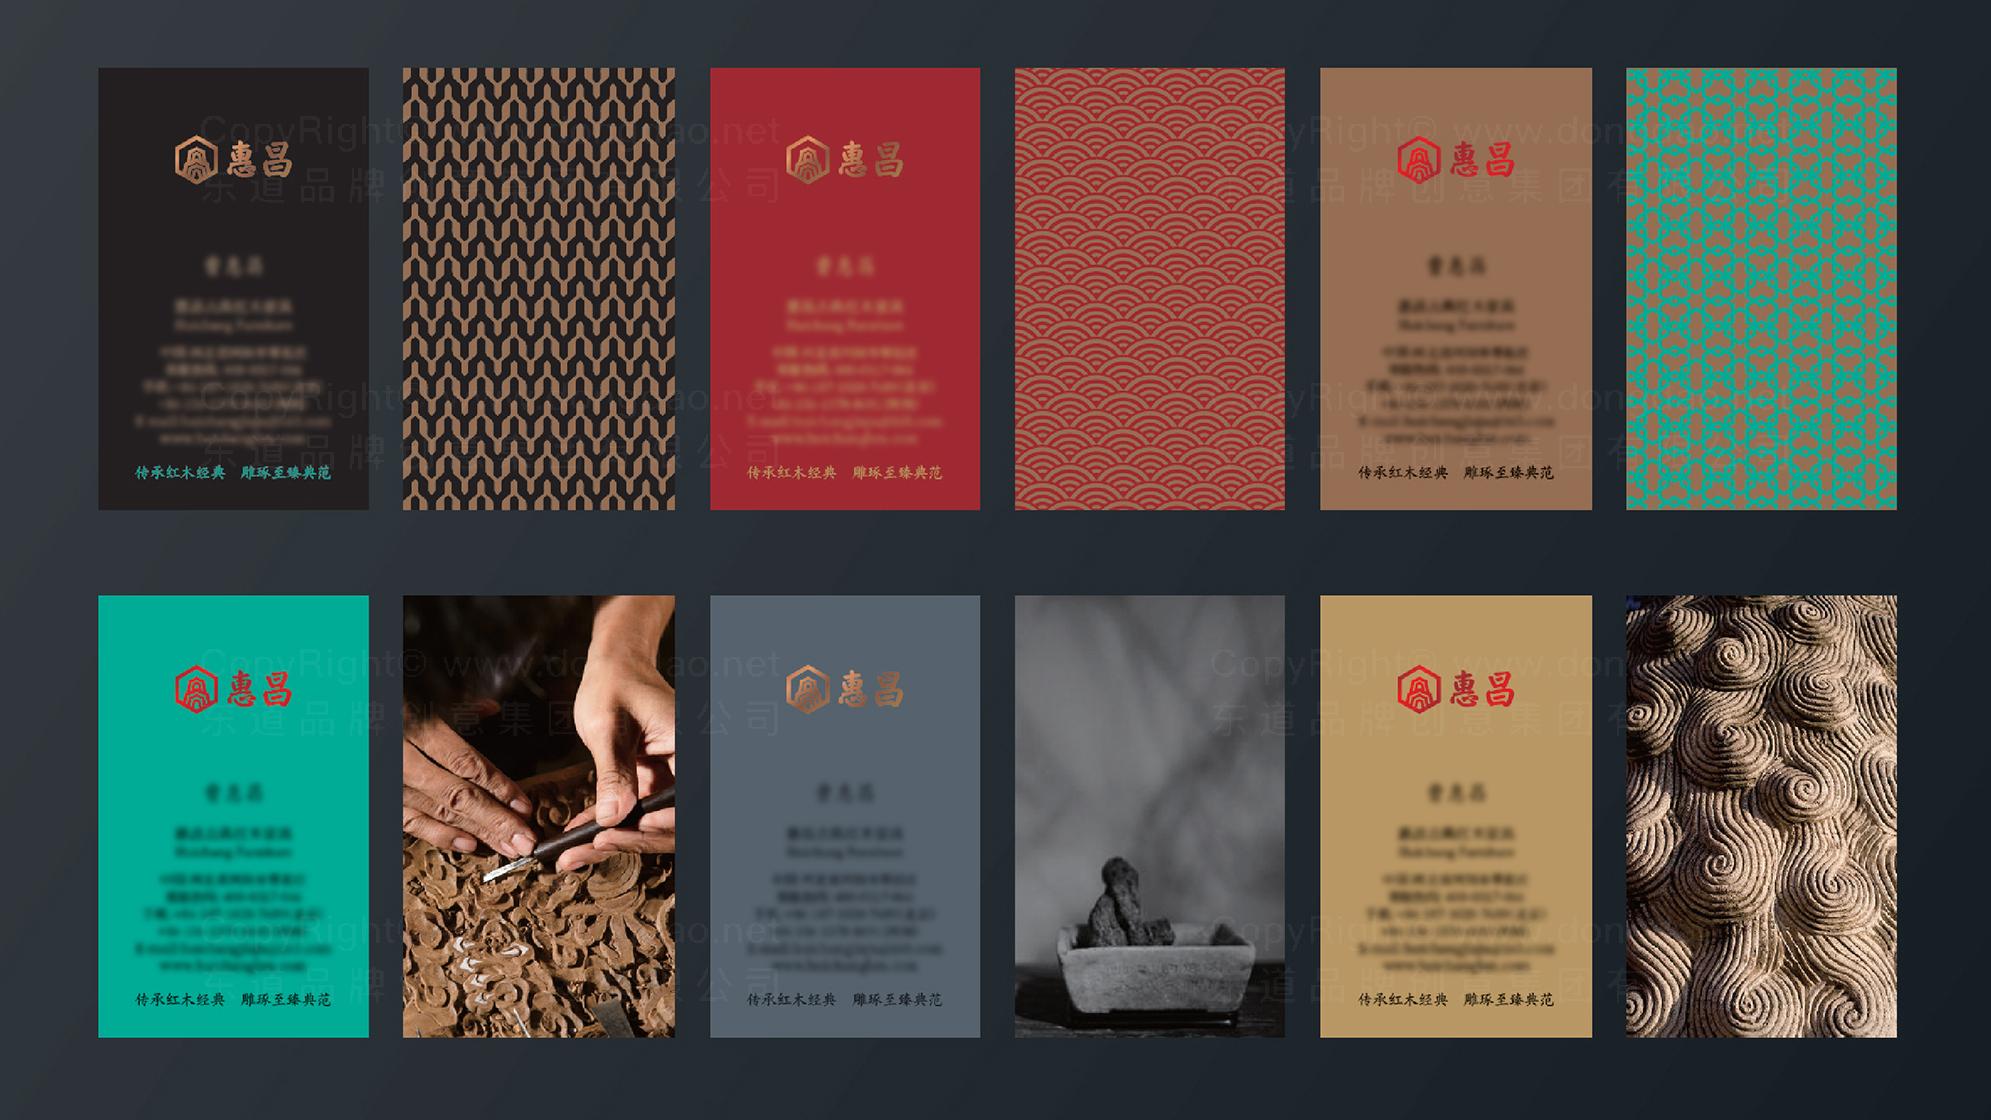 品牌设计惠昌集团LOGO&VI设计应用